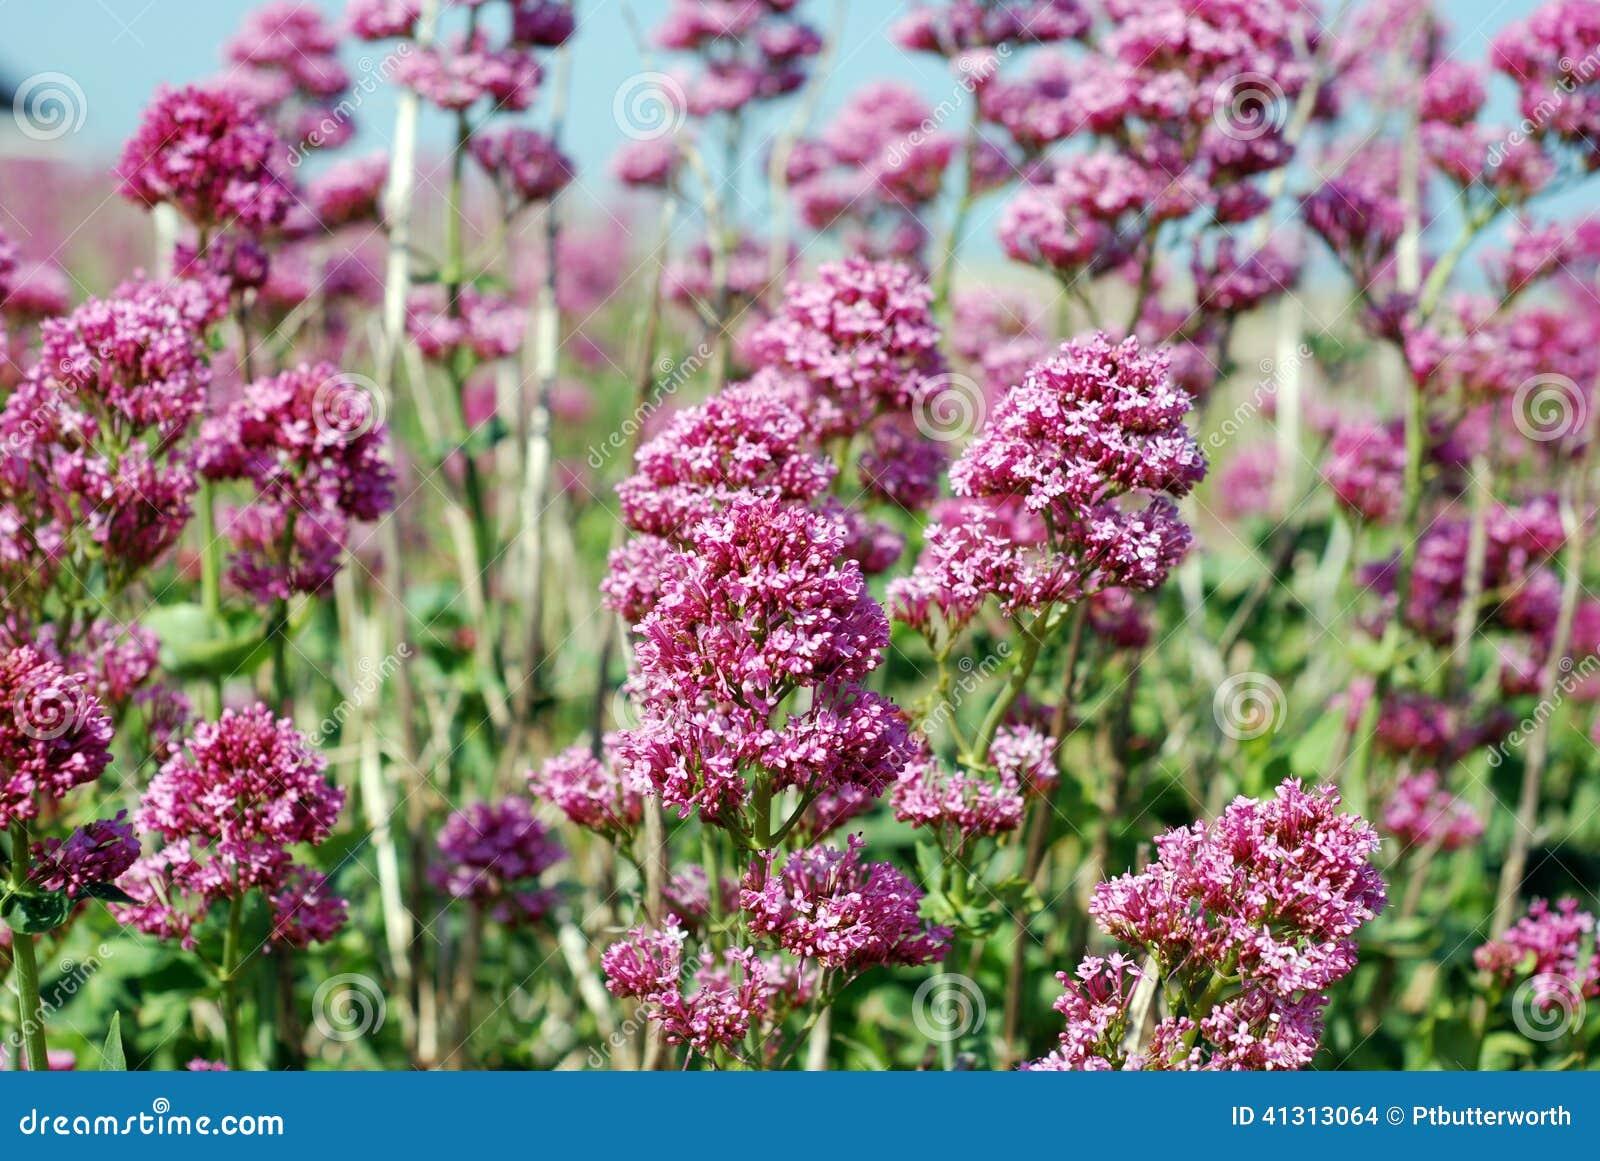 fleurs de rose sauvage au bord de la mer photo stock - image: 41313064